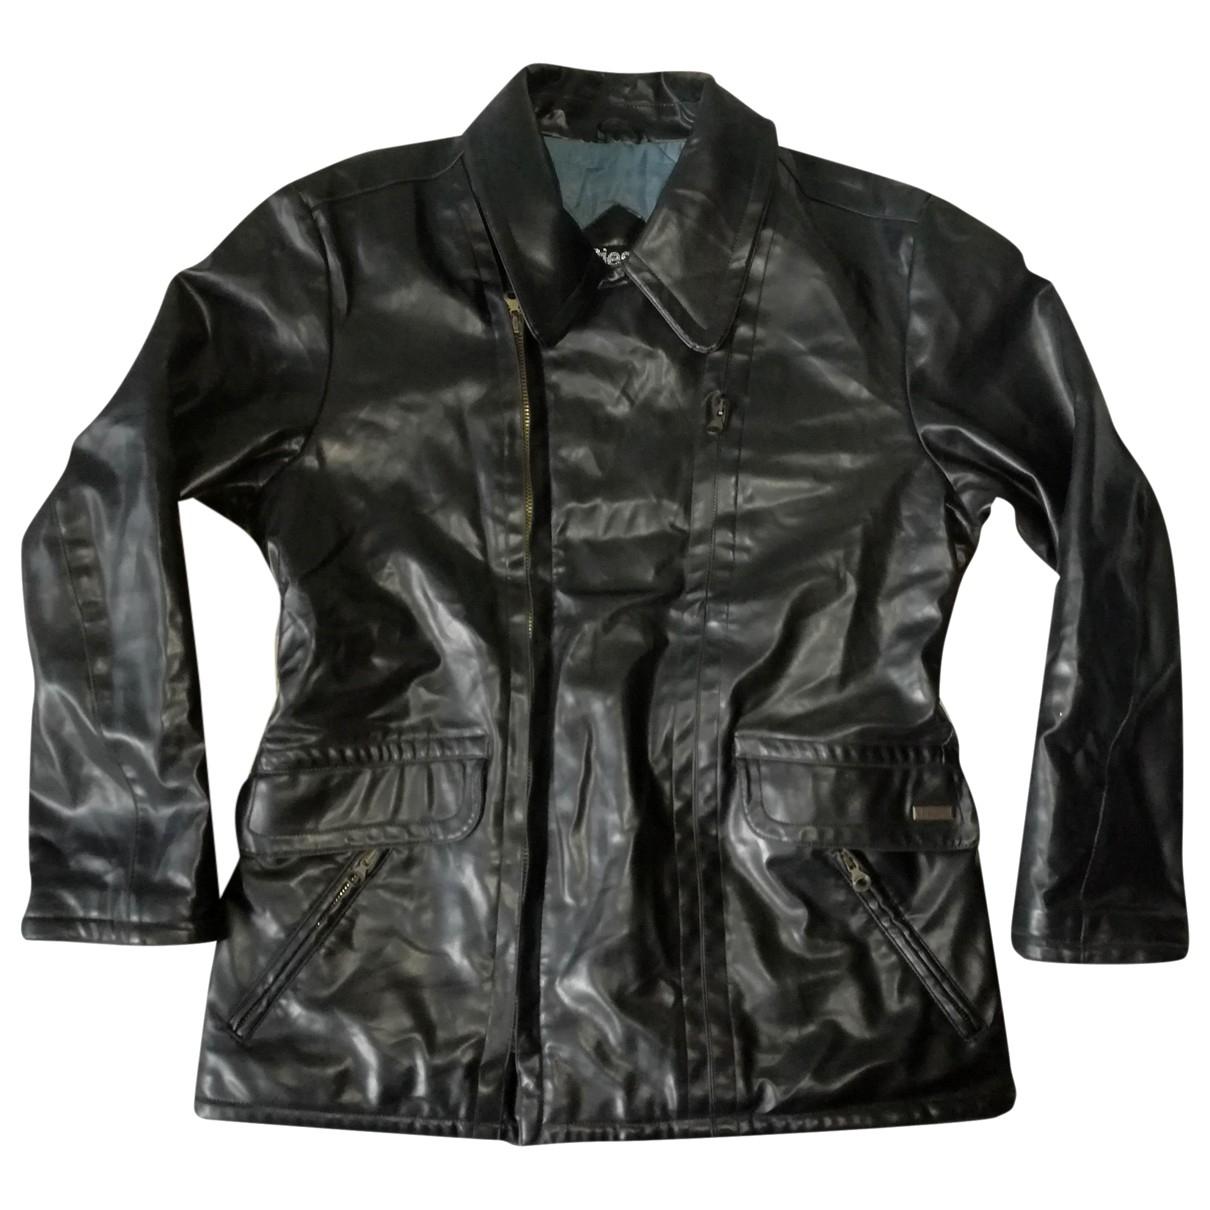 Diesel \N Black jacket  for Men M International